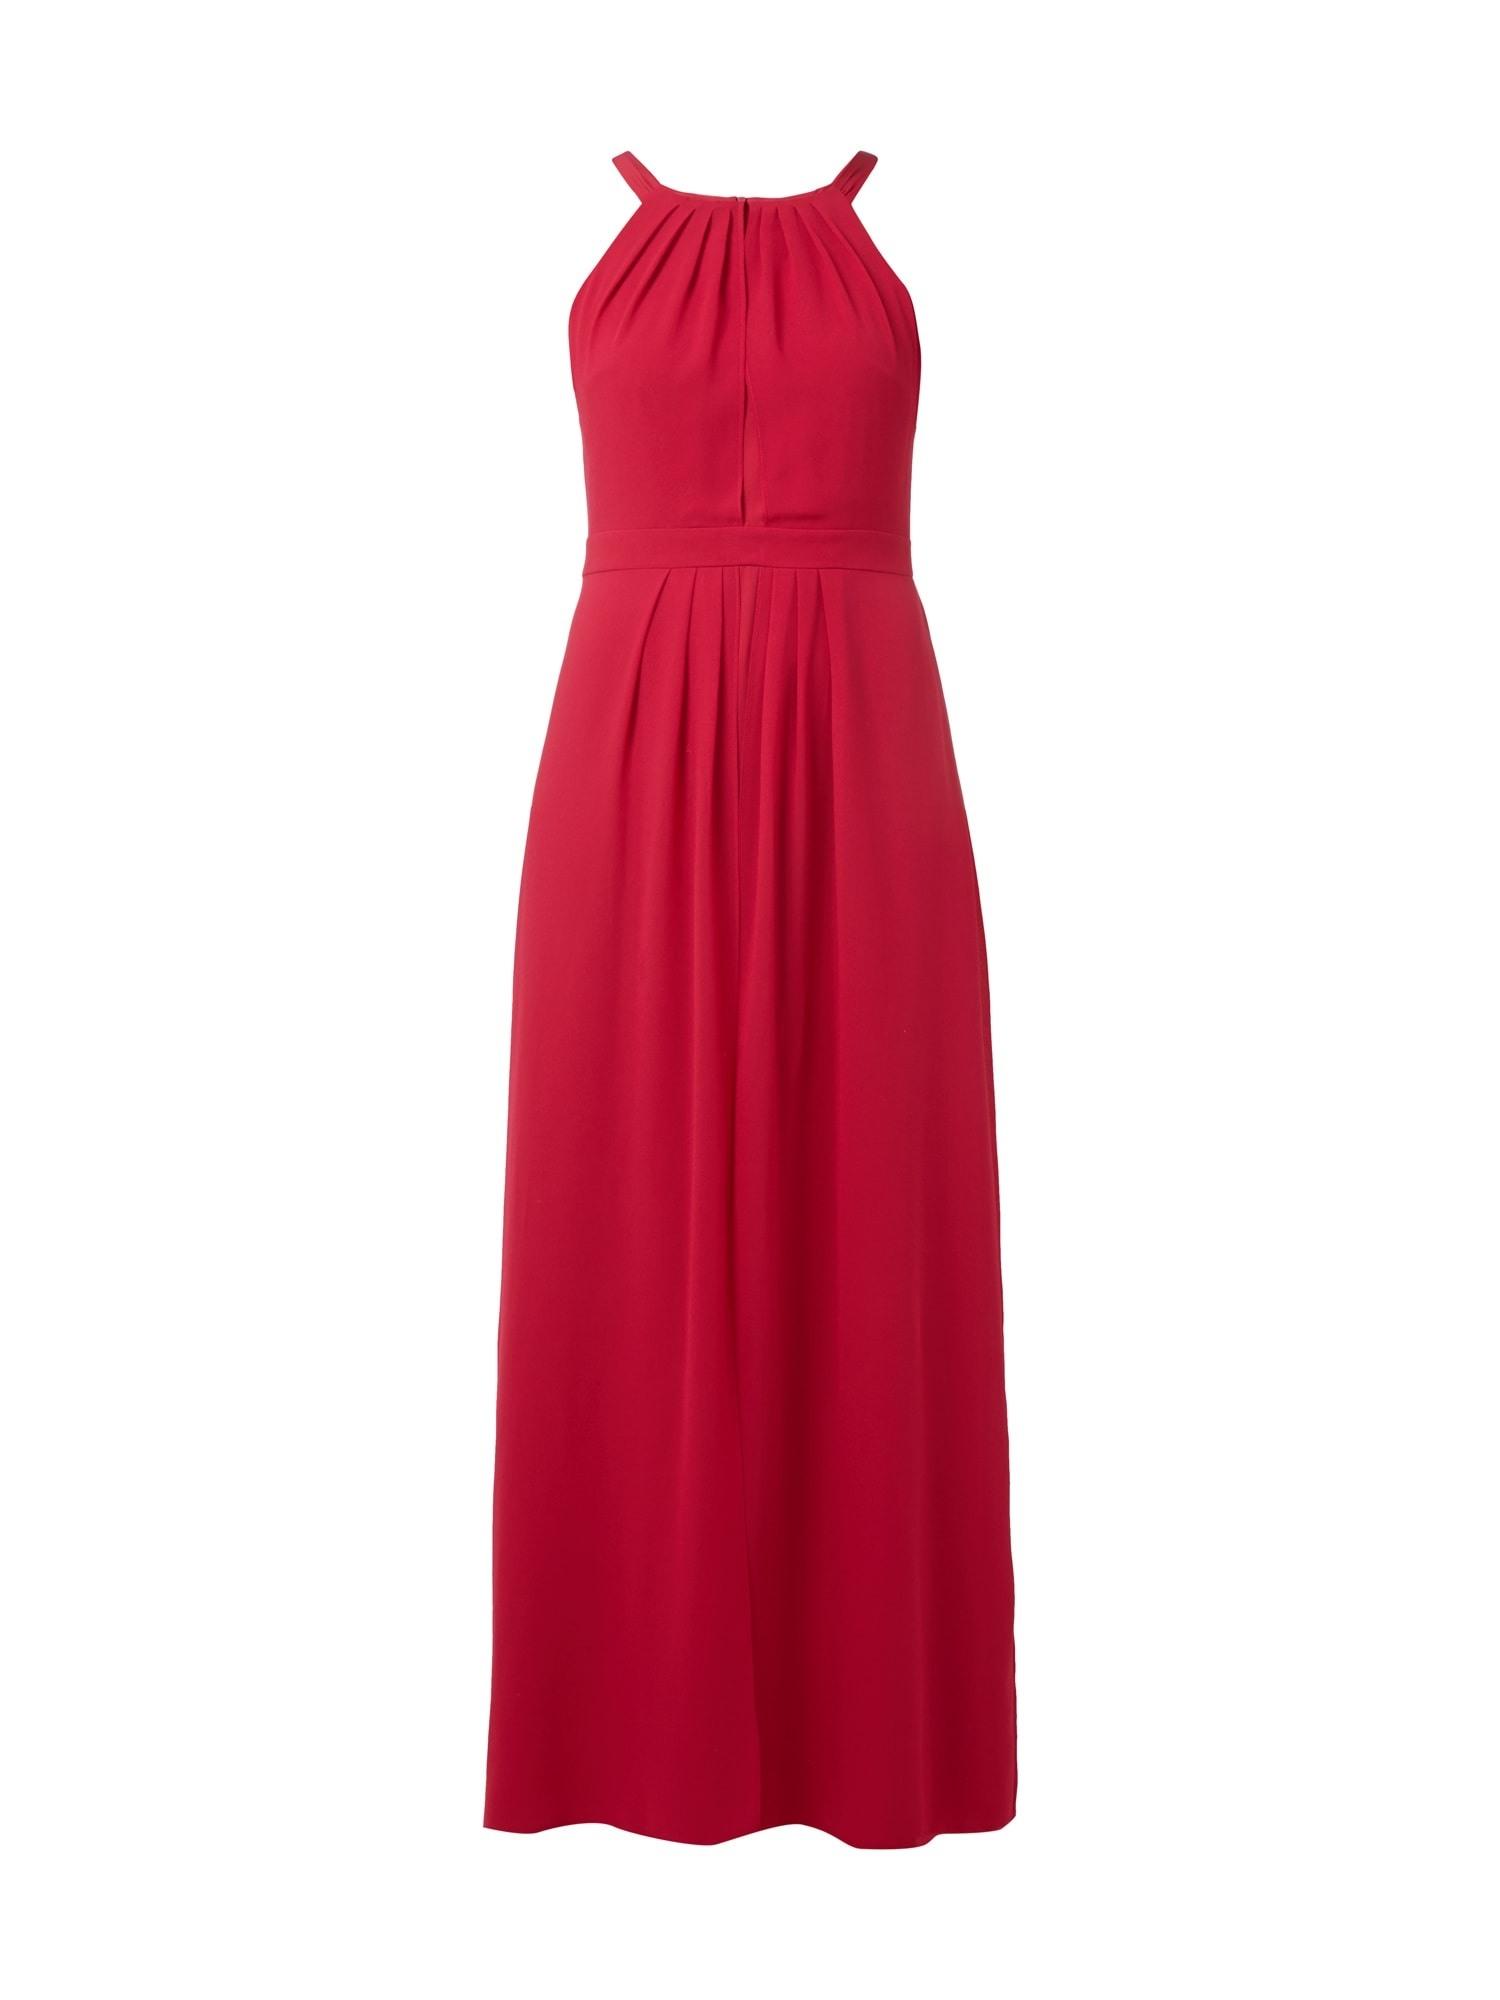 Formal Schön Abendkleider Billig Online Kaufen SpezialgebietFormal Ausgezeichnet Abendkleider Billig Online Kaufen Vertrieb